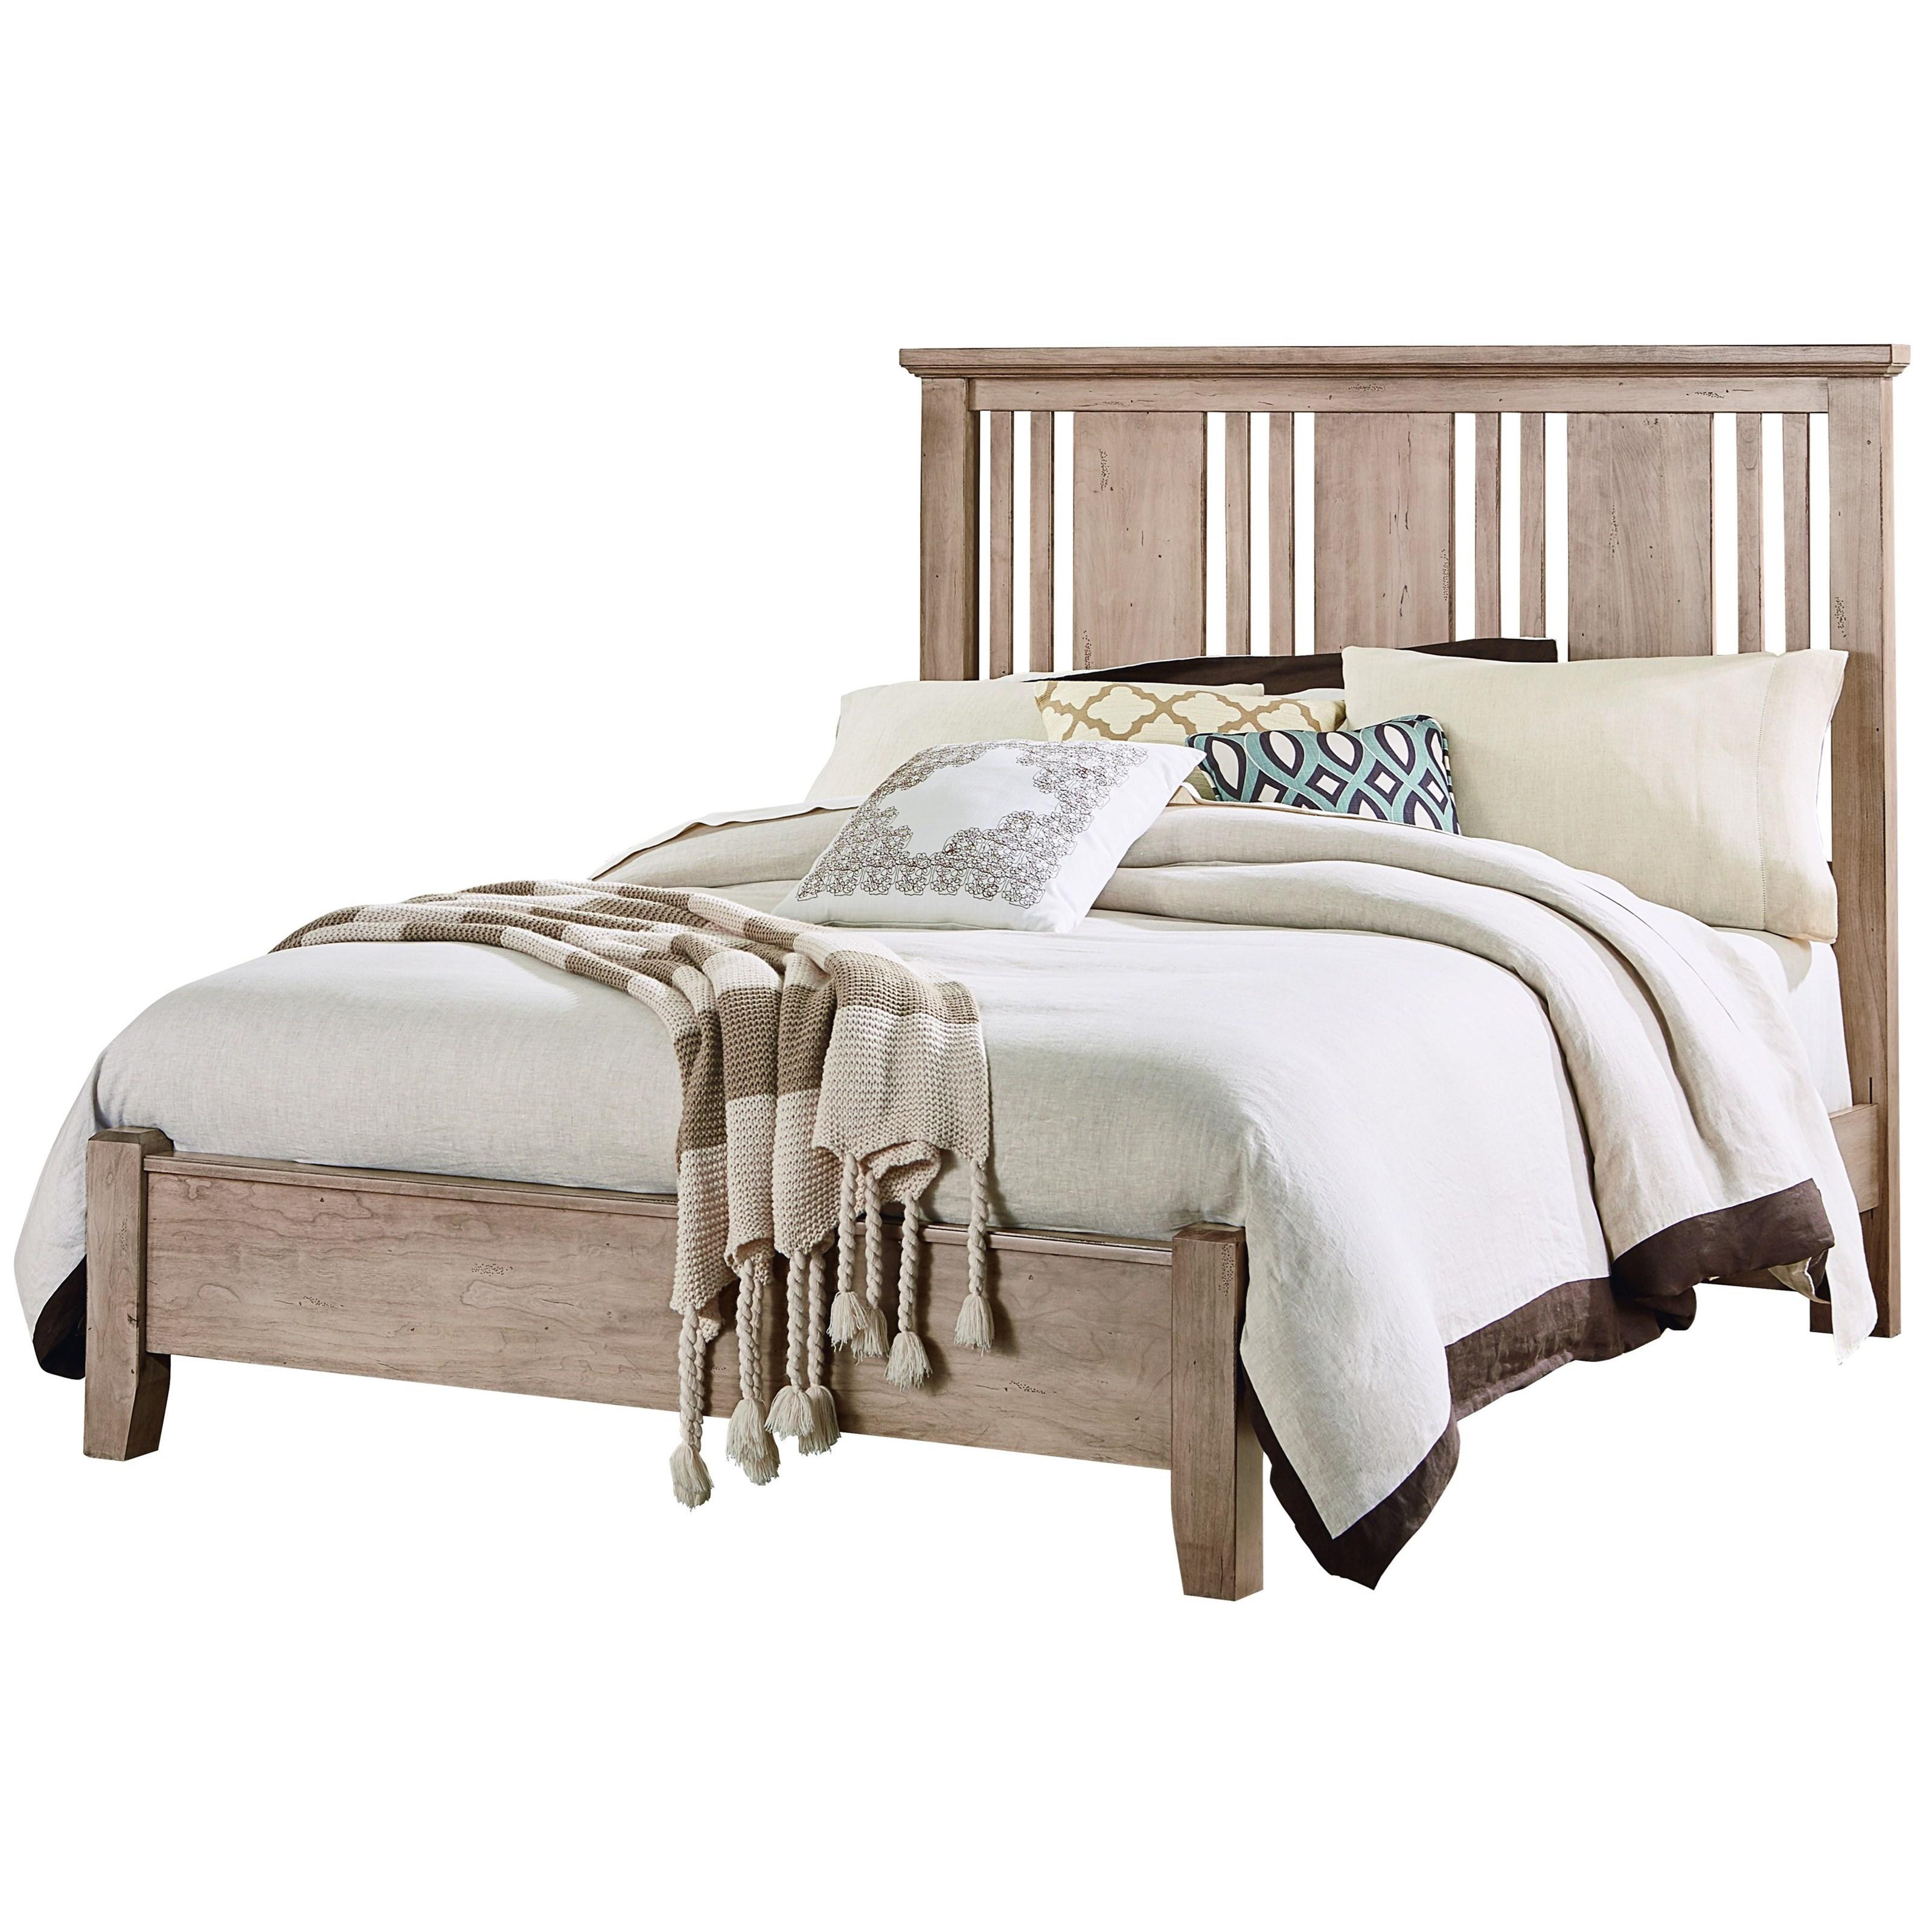 Vaughan Bassett American Cherry Queen Craftsman Bed - Item Number: 418-557+755+922